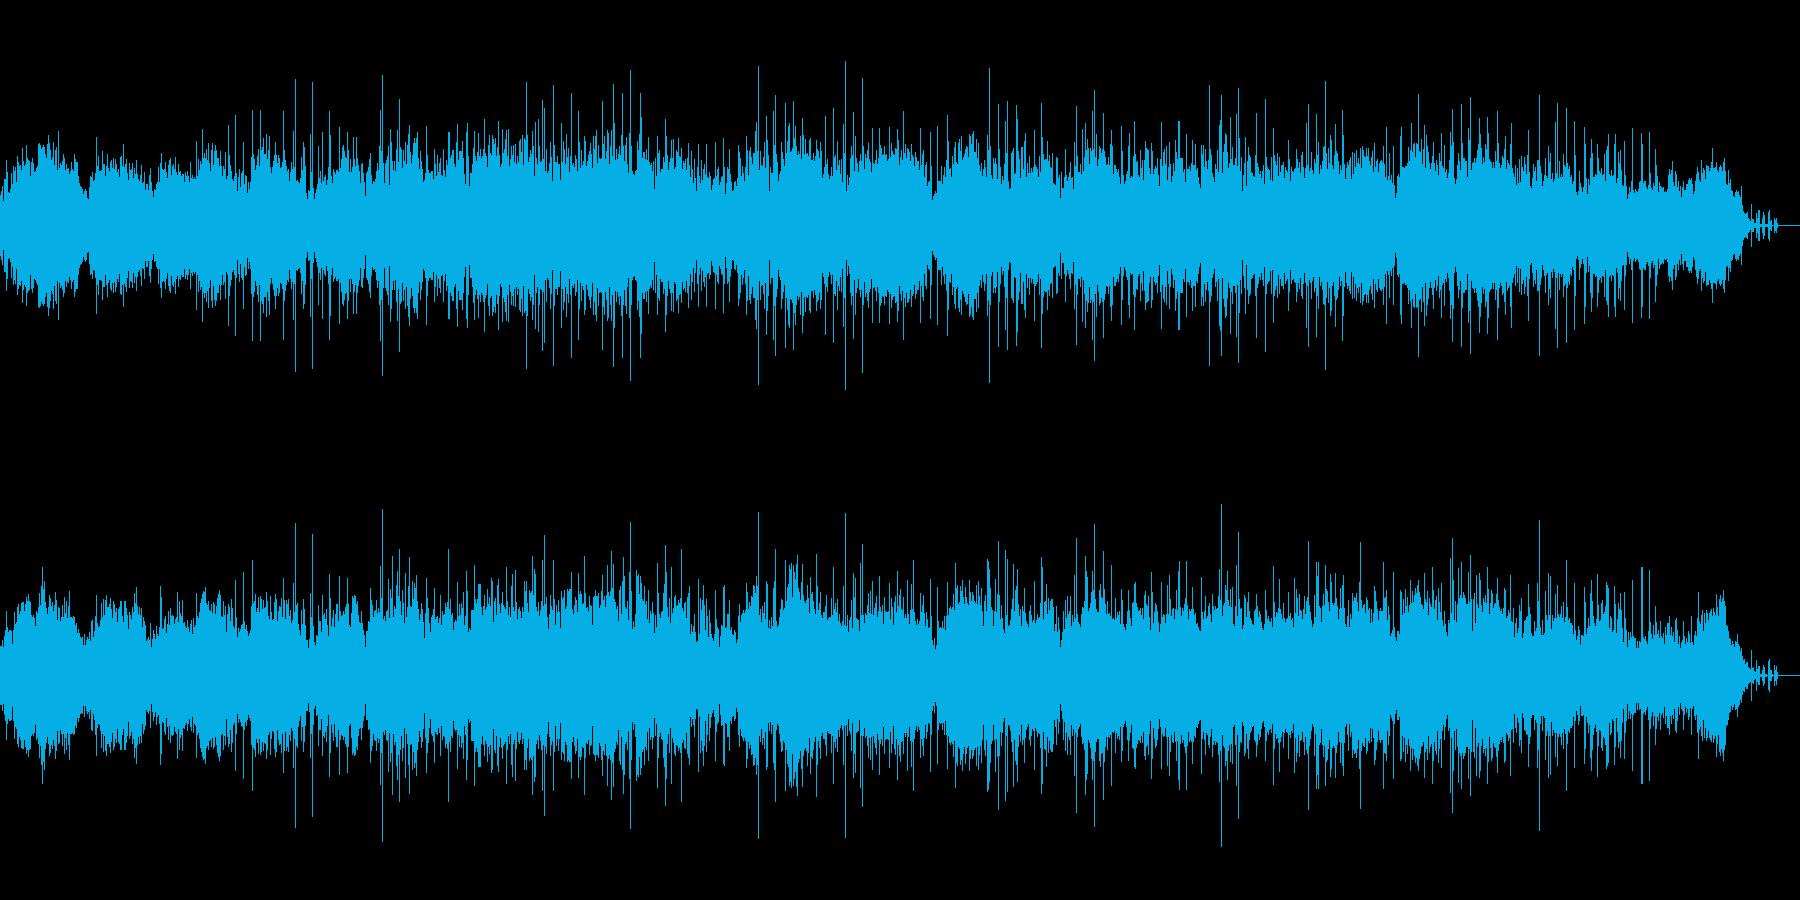 環境音とオルガンの作品 ショートVer.の再生済みの波形